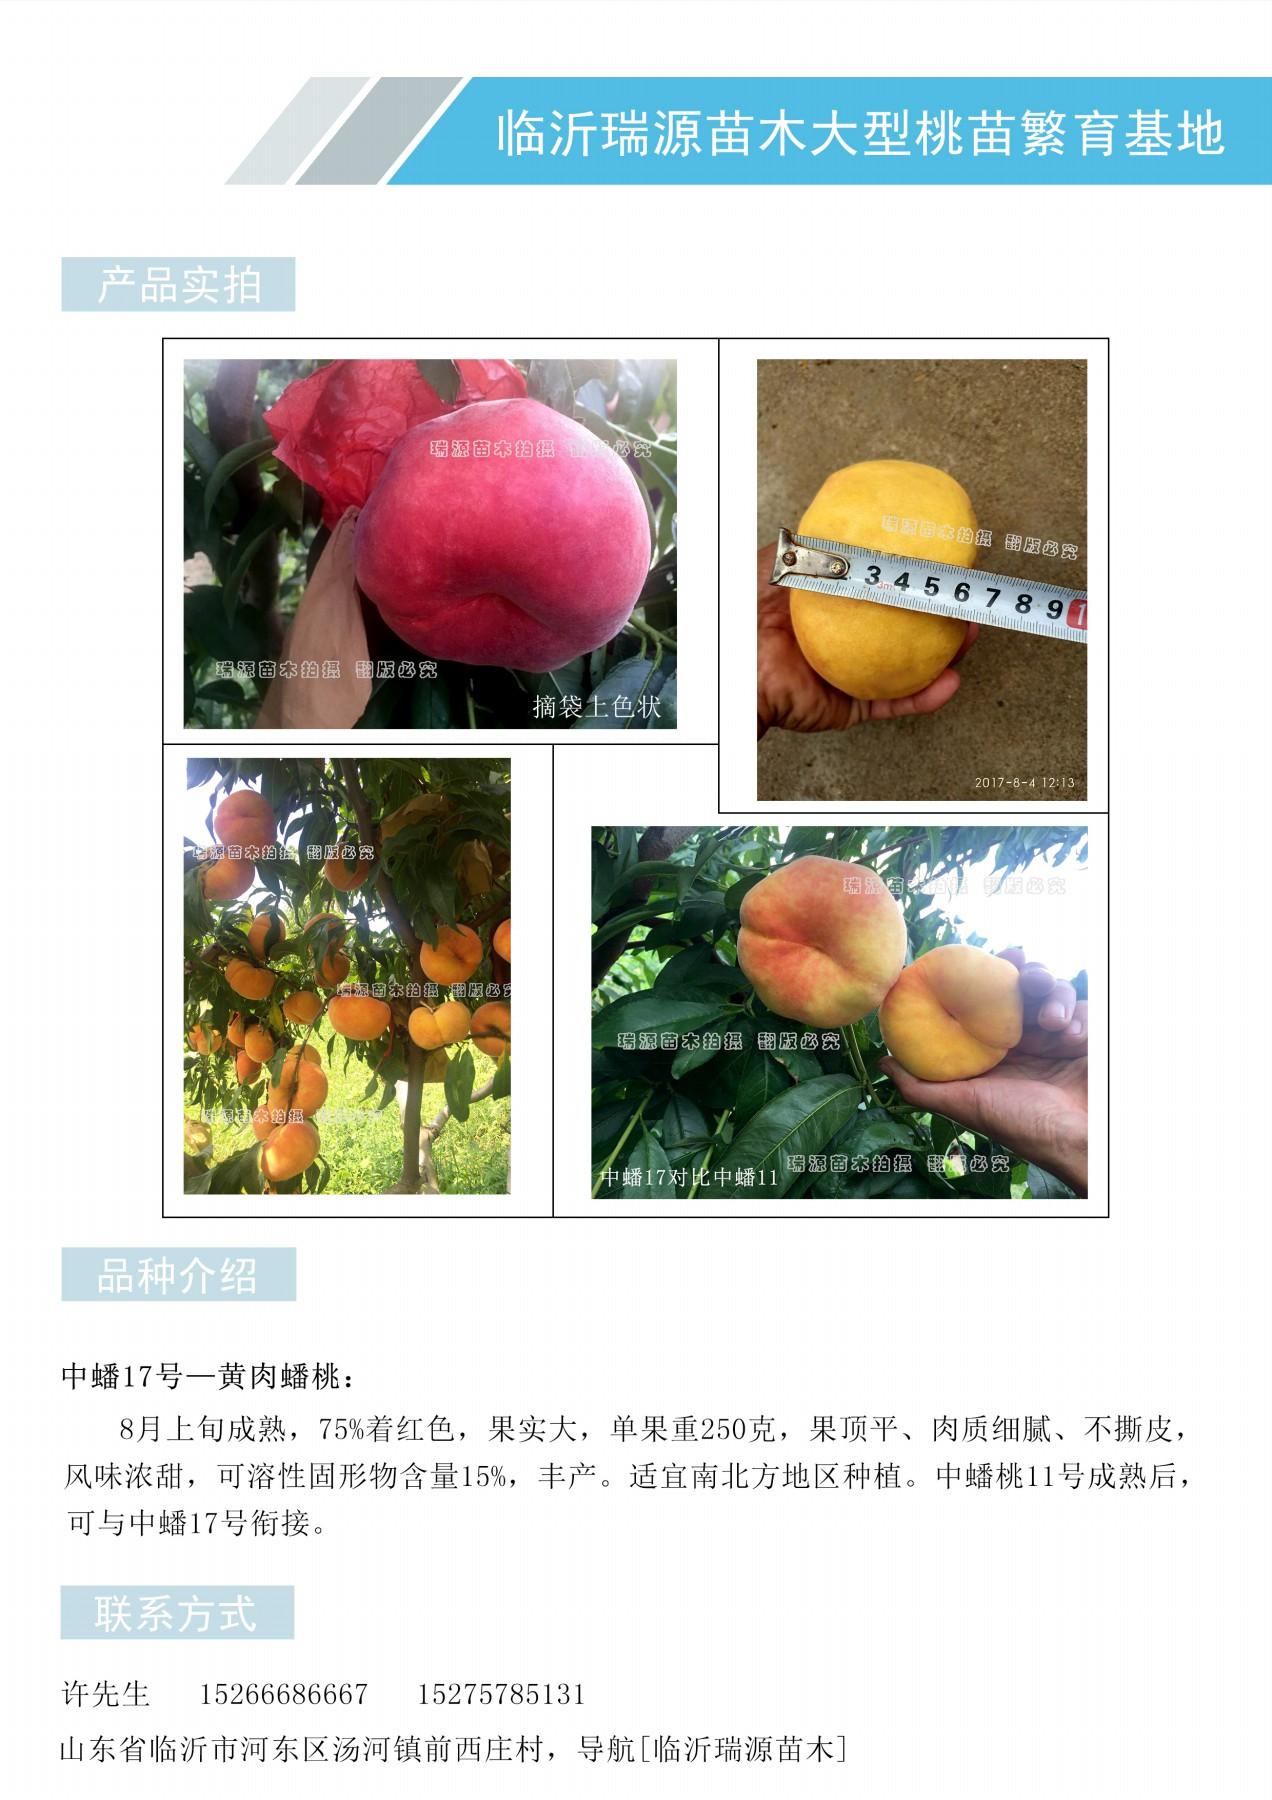 黄桃的新品种、蟠桃苗价格